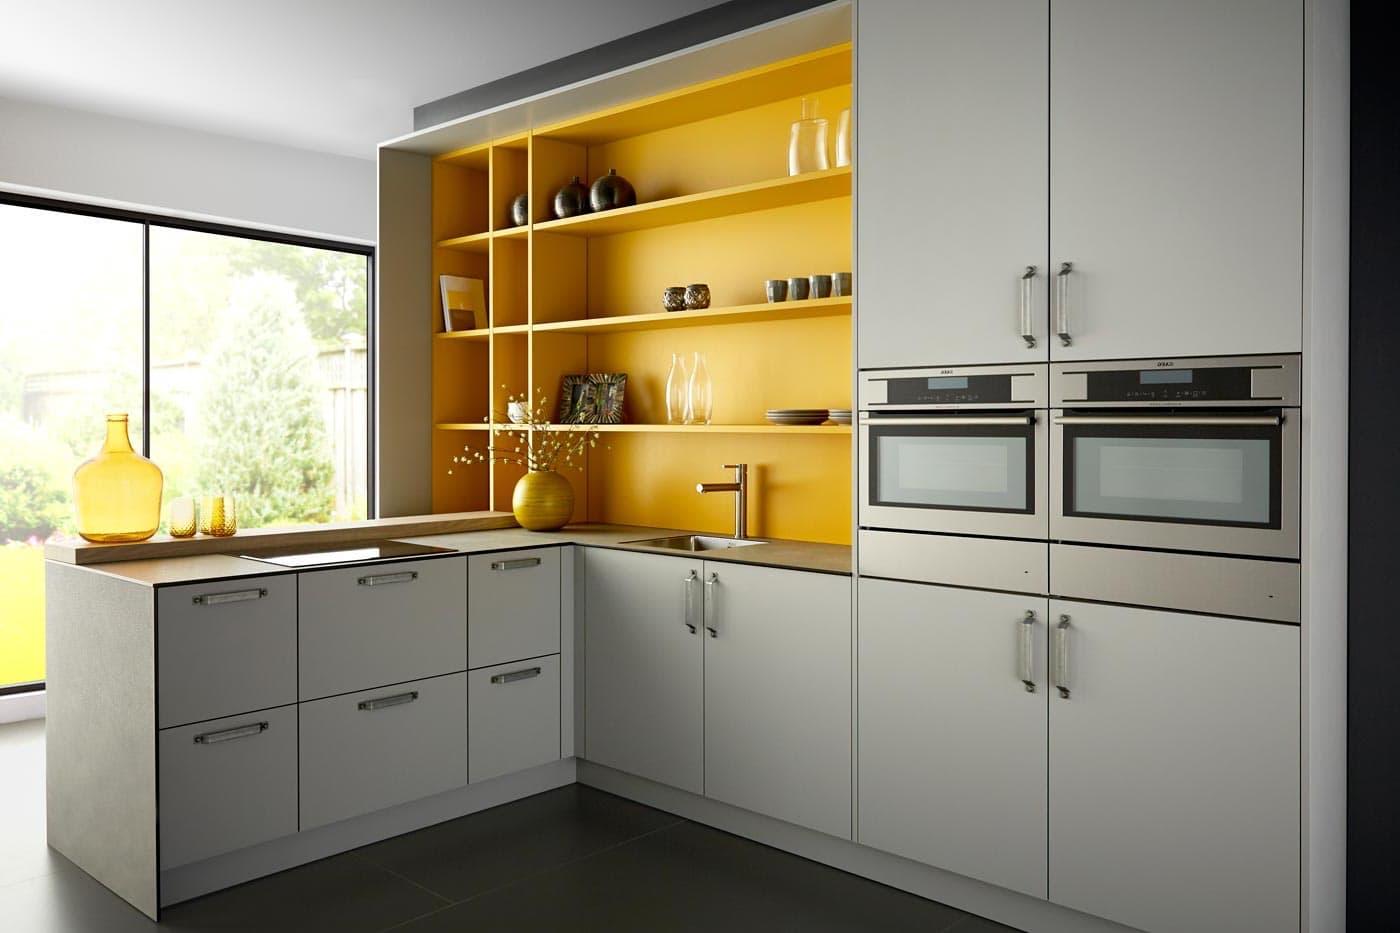 В оформлении интерьера кухни, трудно представить более удачный и взаимовыгодный симбиоз, чем сочетание серого и желтого цвета